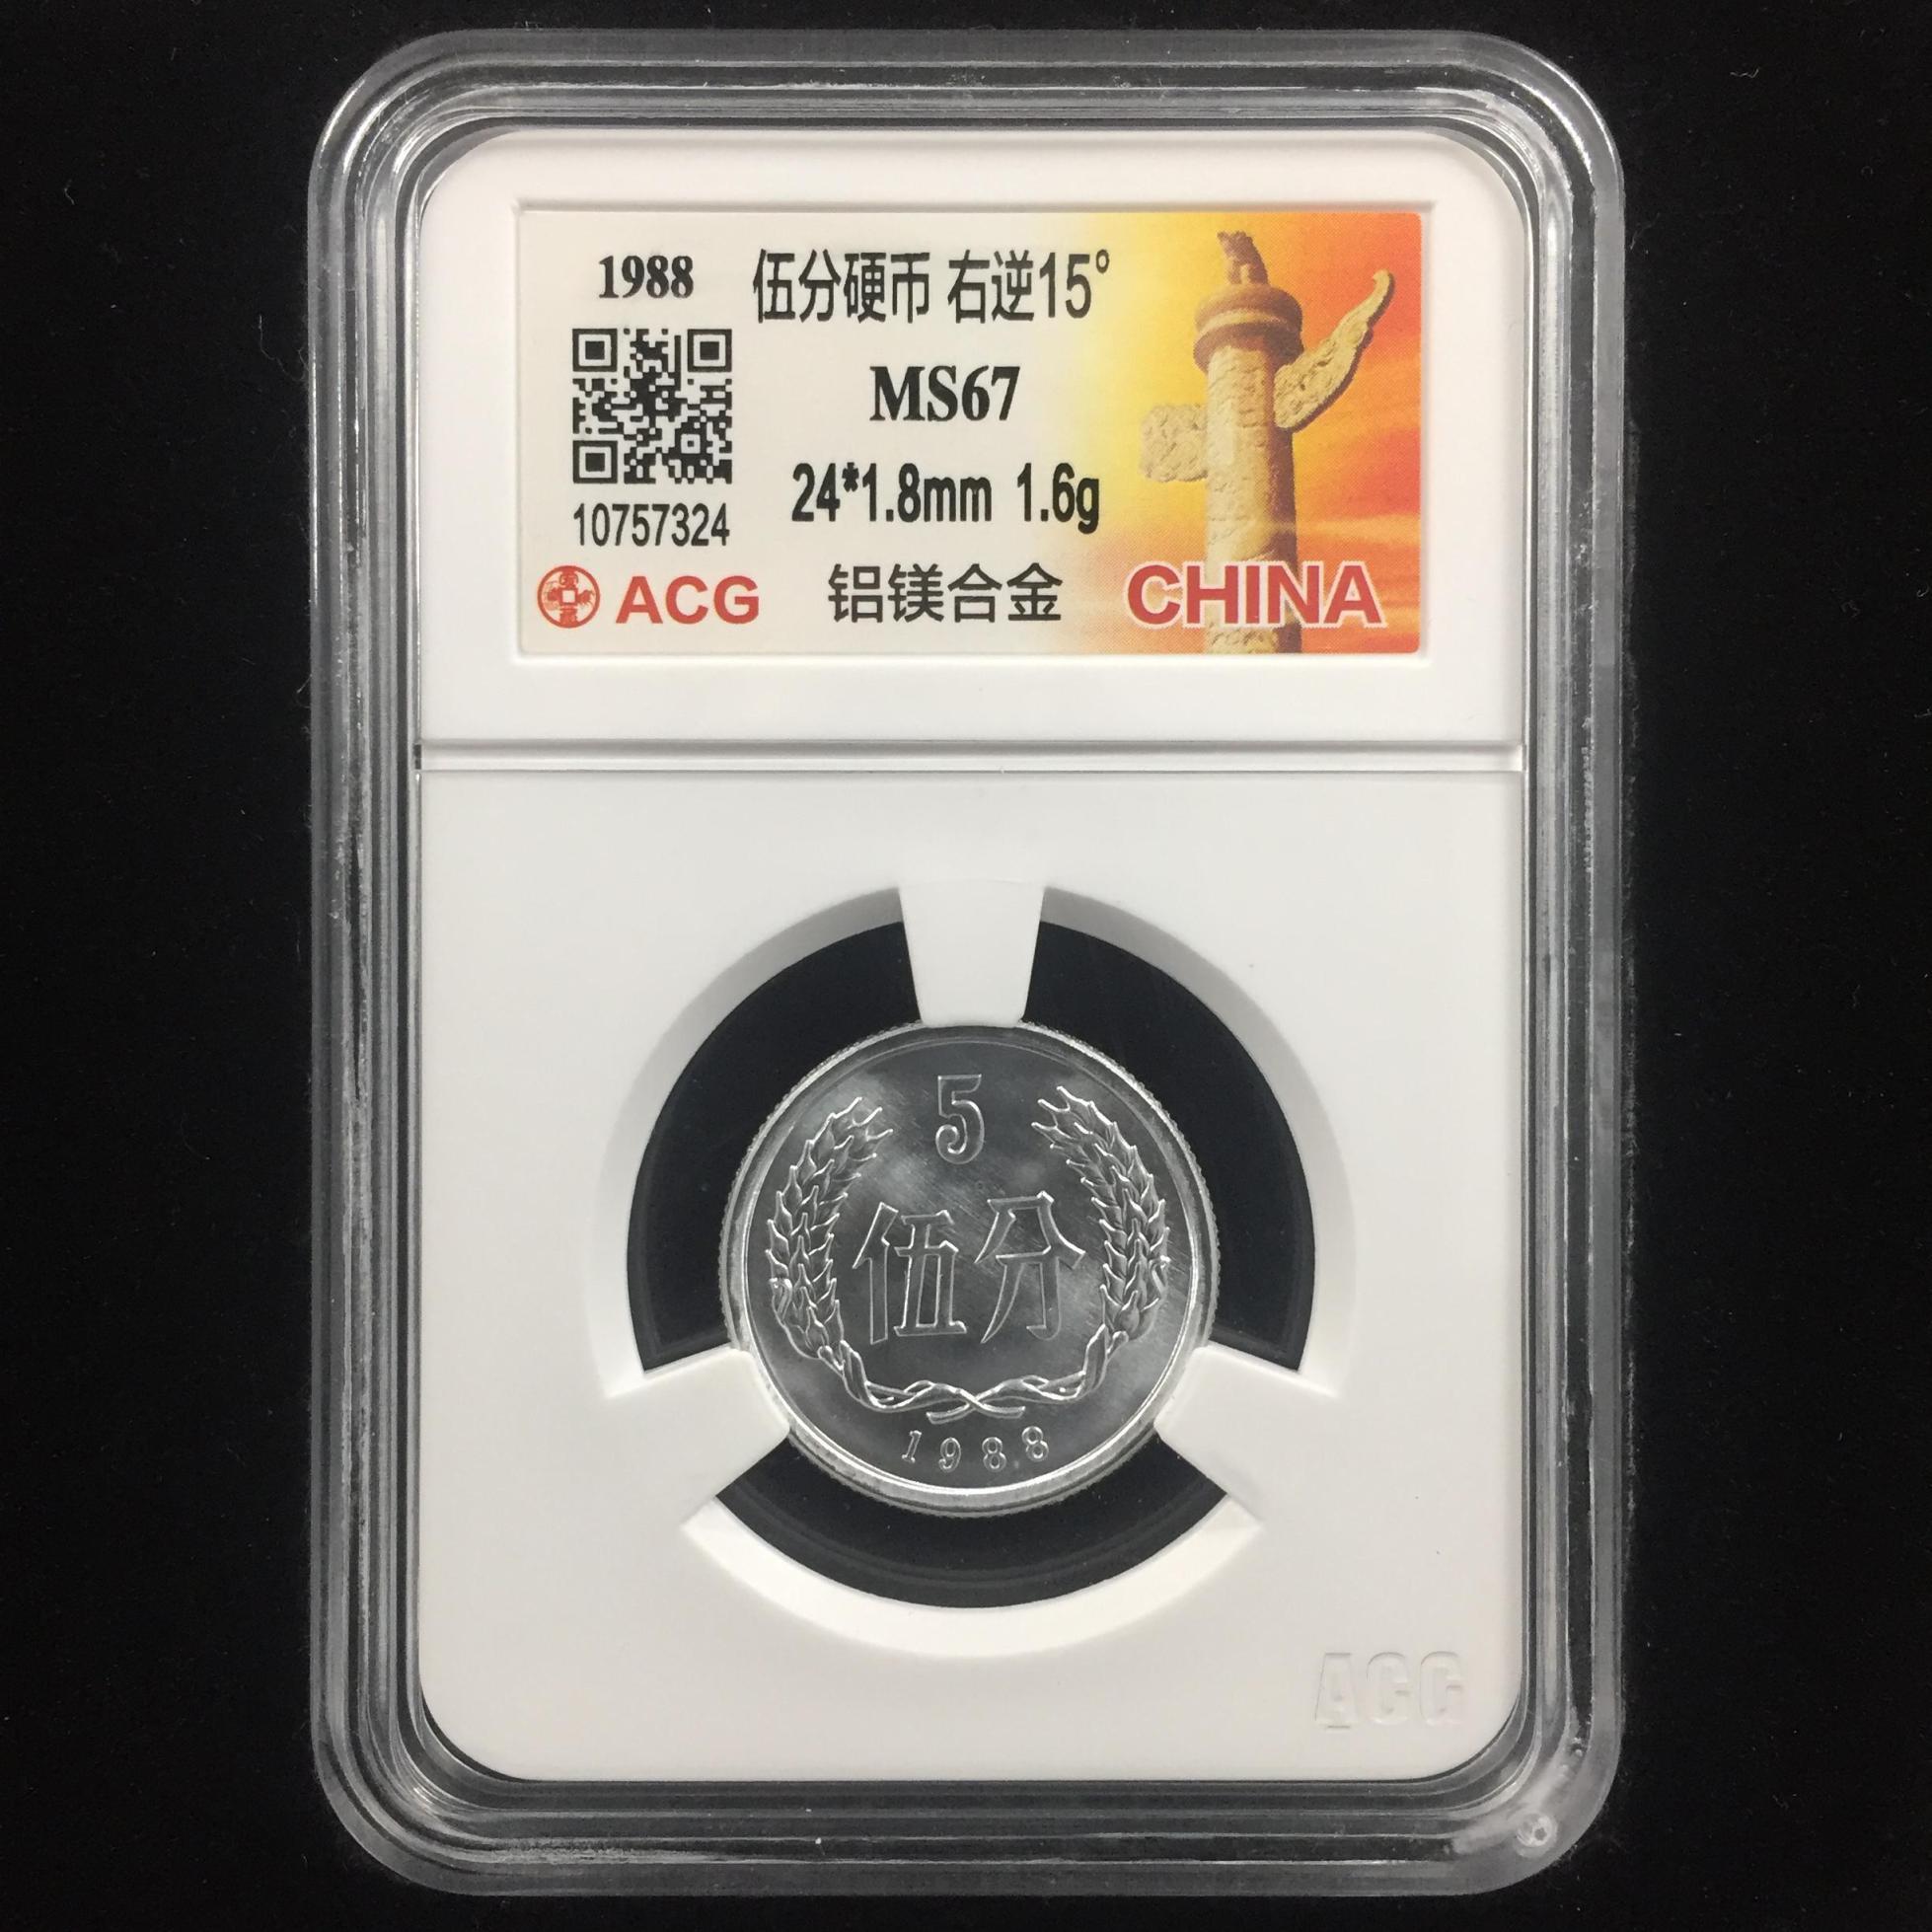 背逆币→1988年5分硬币→ACG鉴定证书-10757324